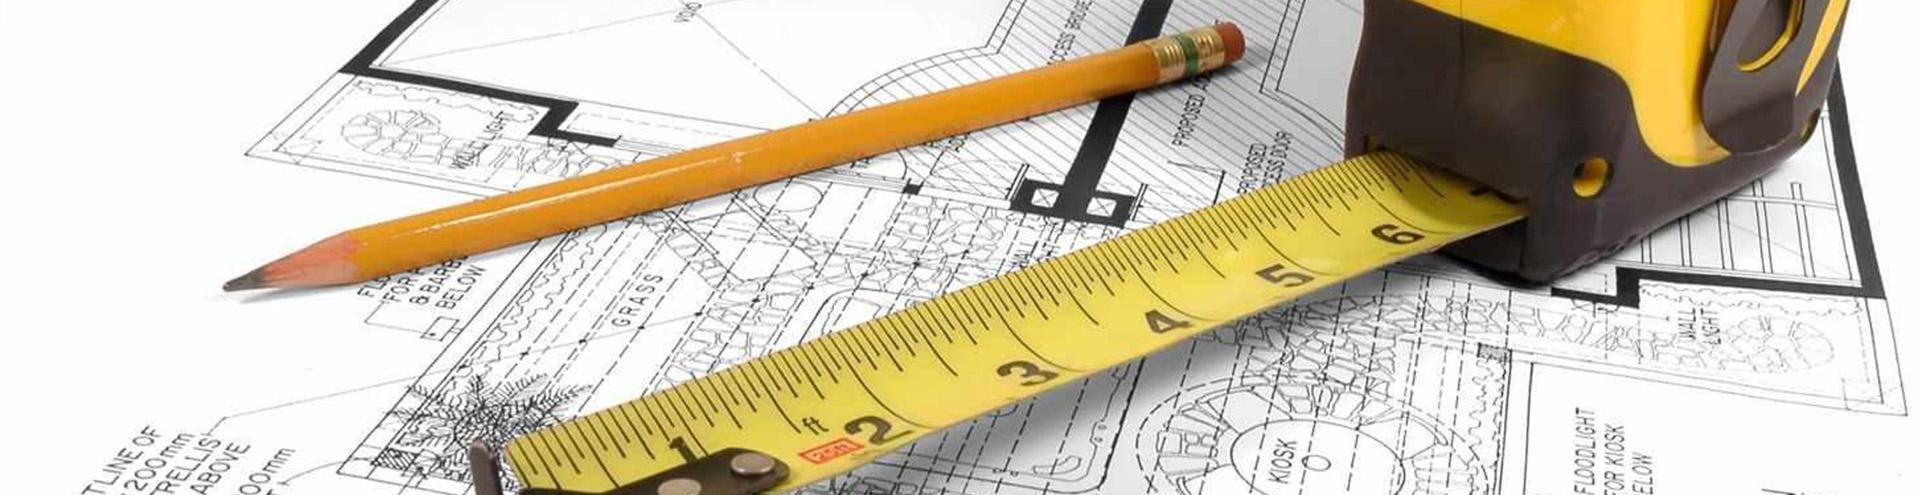 Поможем исправить кадастровую ошибку в Рязани и Рязанской области